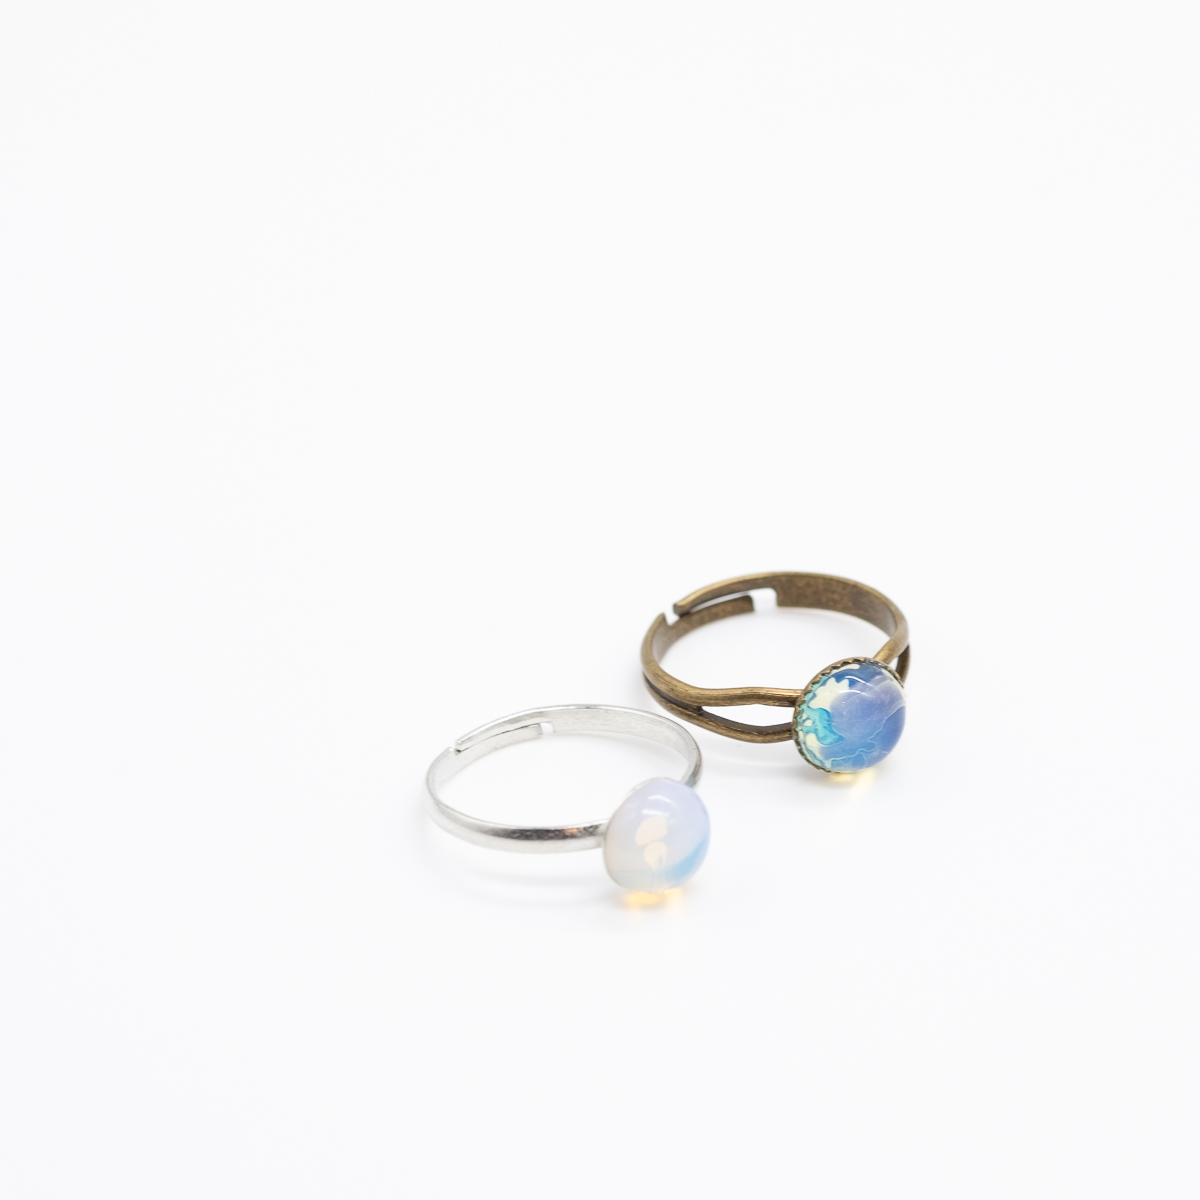 RNG-016 opaliet ring kopen